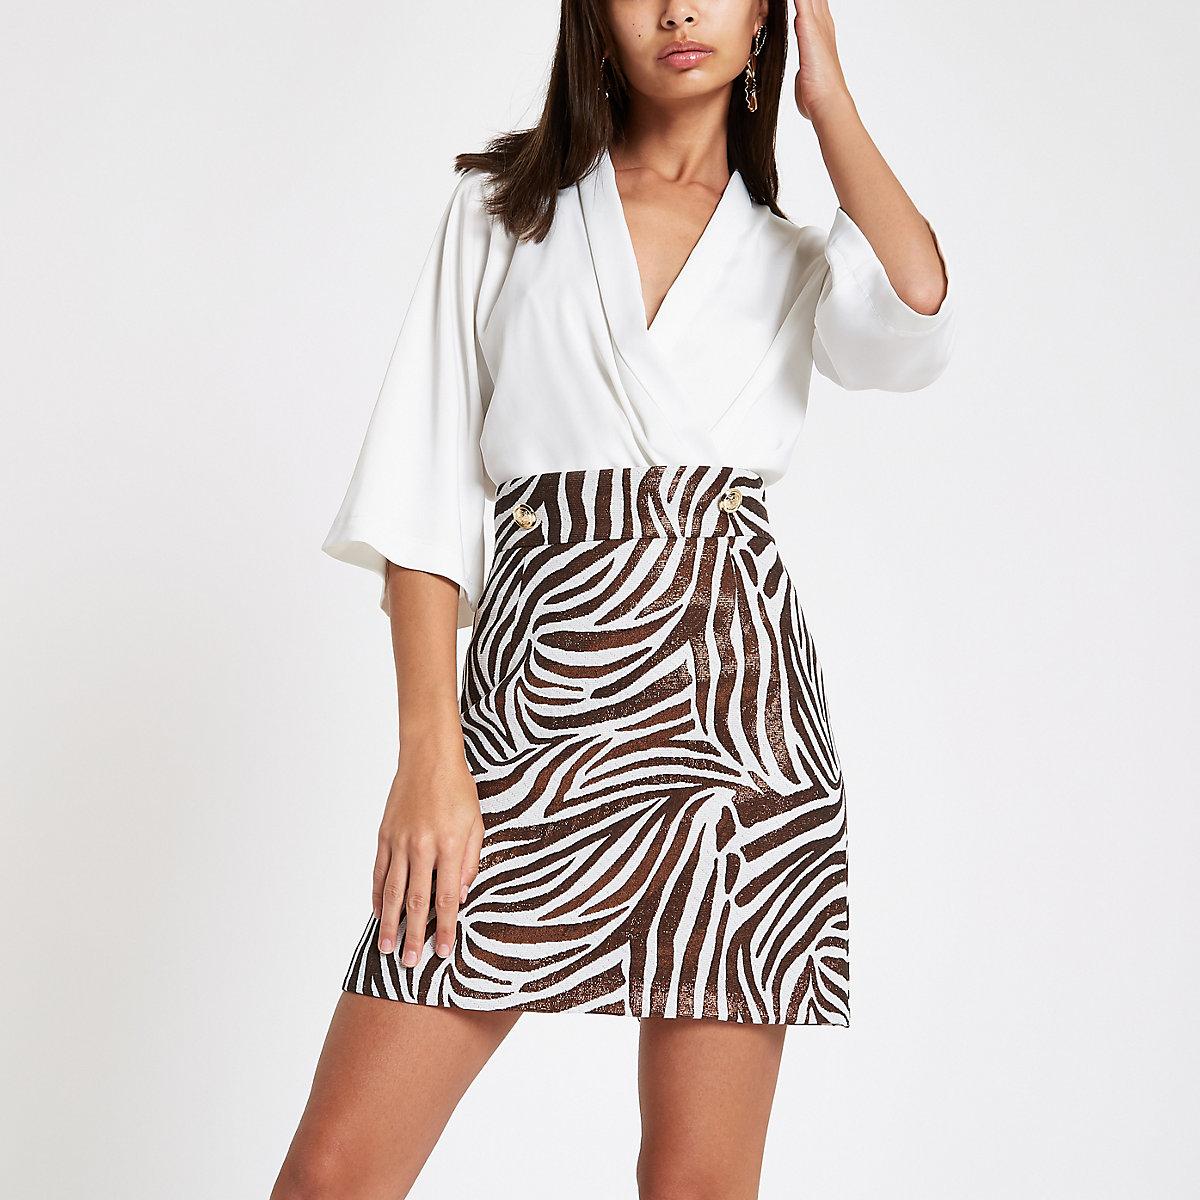 Gold metallic zebra print mini skirt